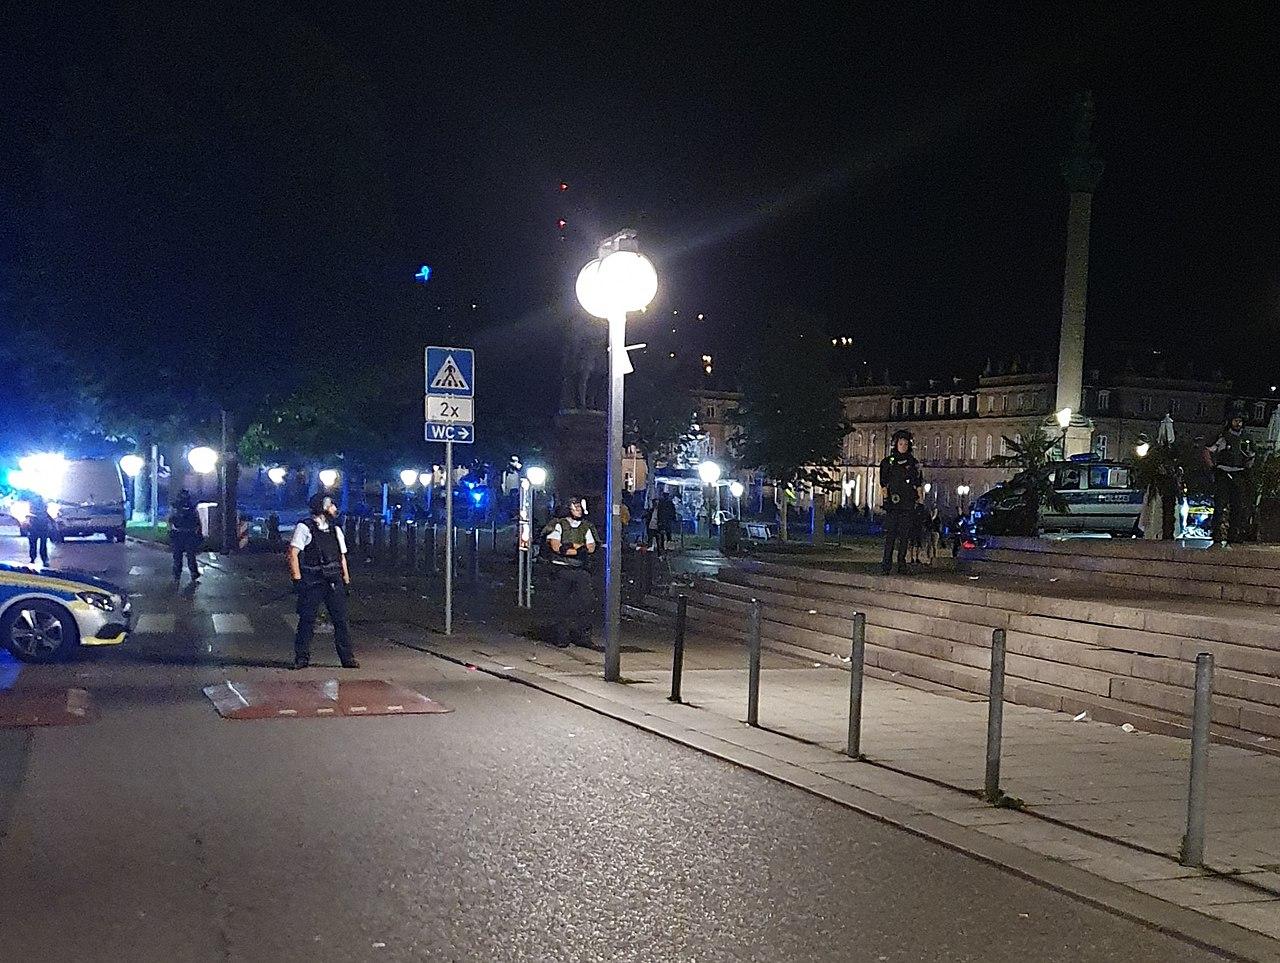 Krawalle in Stuttgarts Innenstadt am 21.06.2020 - 13.jpg